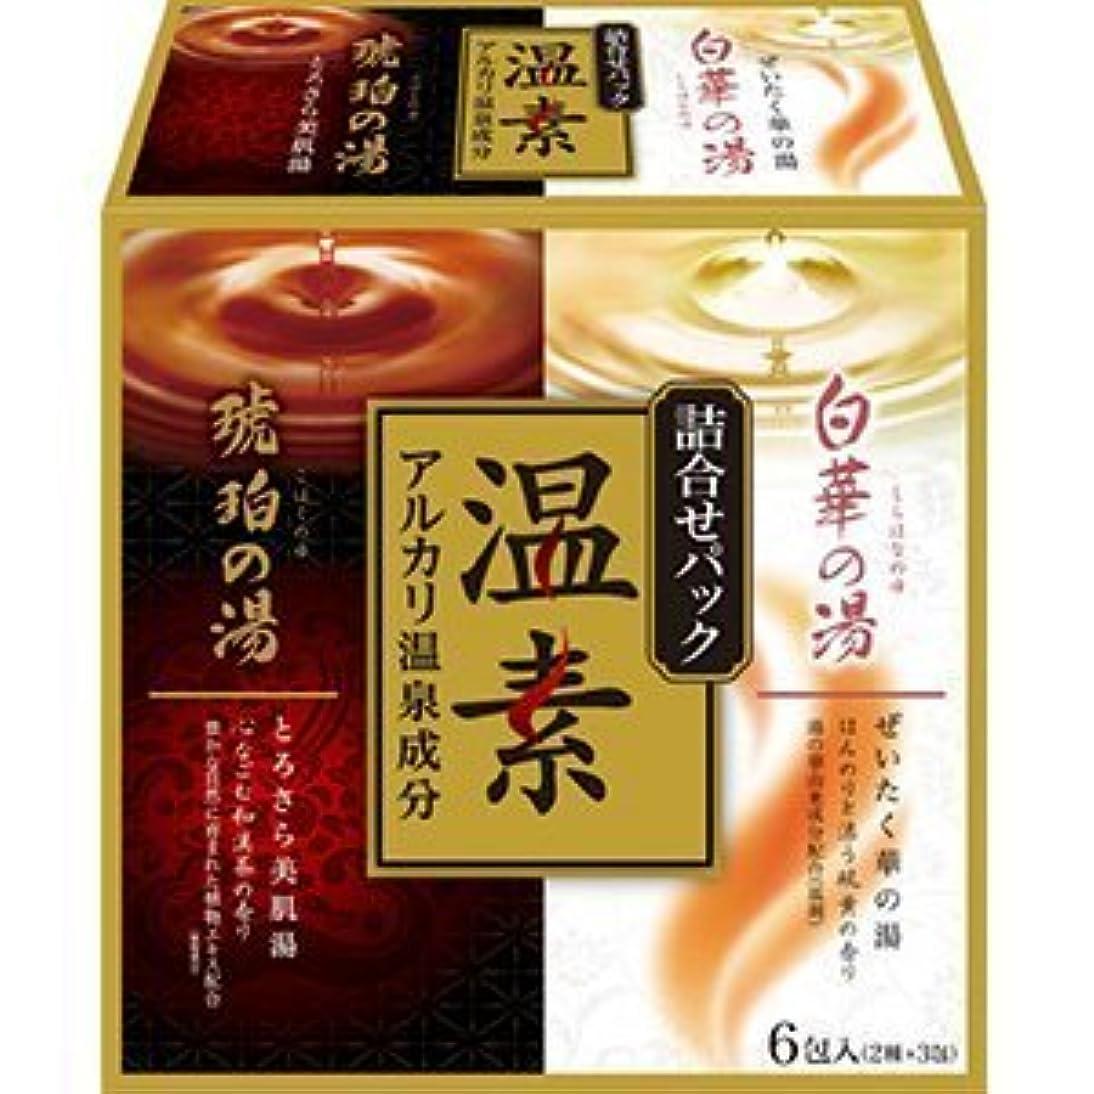 生き残り敬挨拶する温素 琥珀の湯&白華の湯 詰合せパック × 5個セット